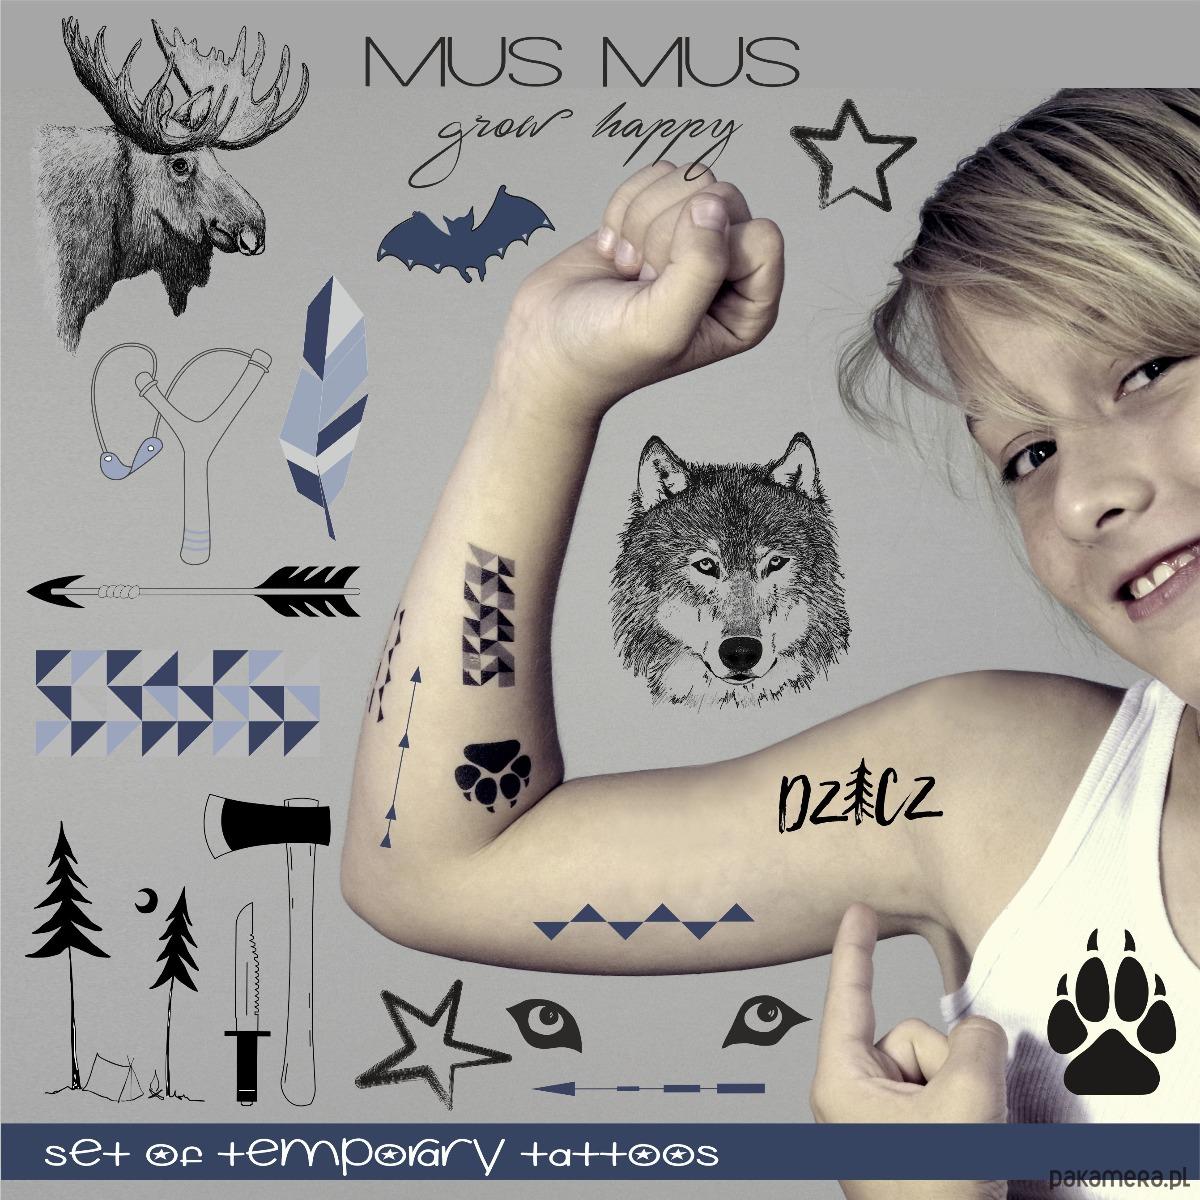 randki z tatuażami i brodami znaki, że jest czymś więcej niż przyłączeniem się